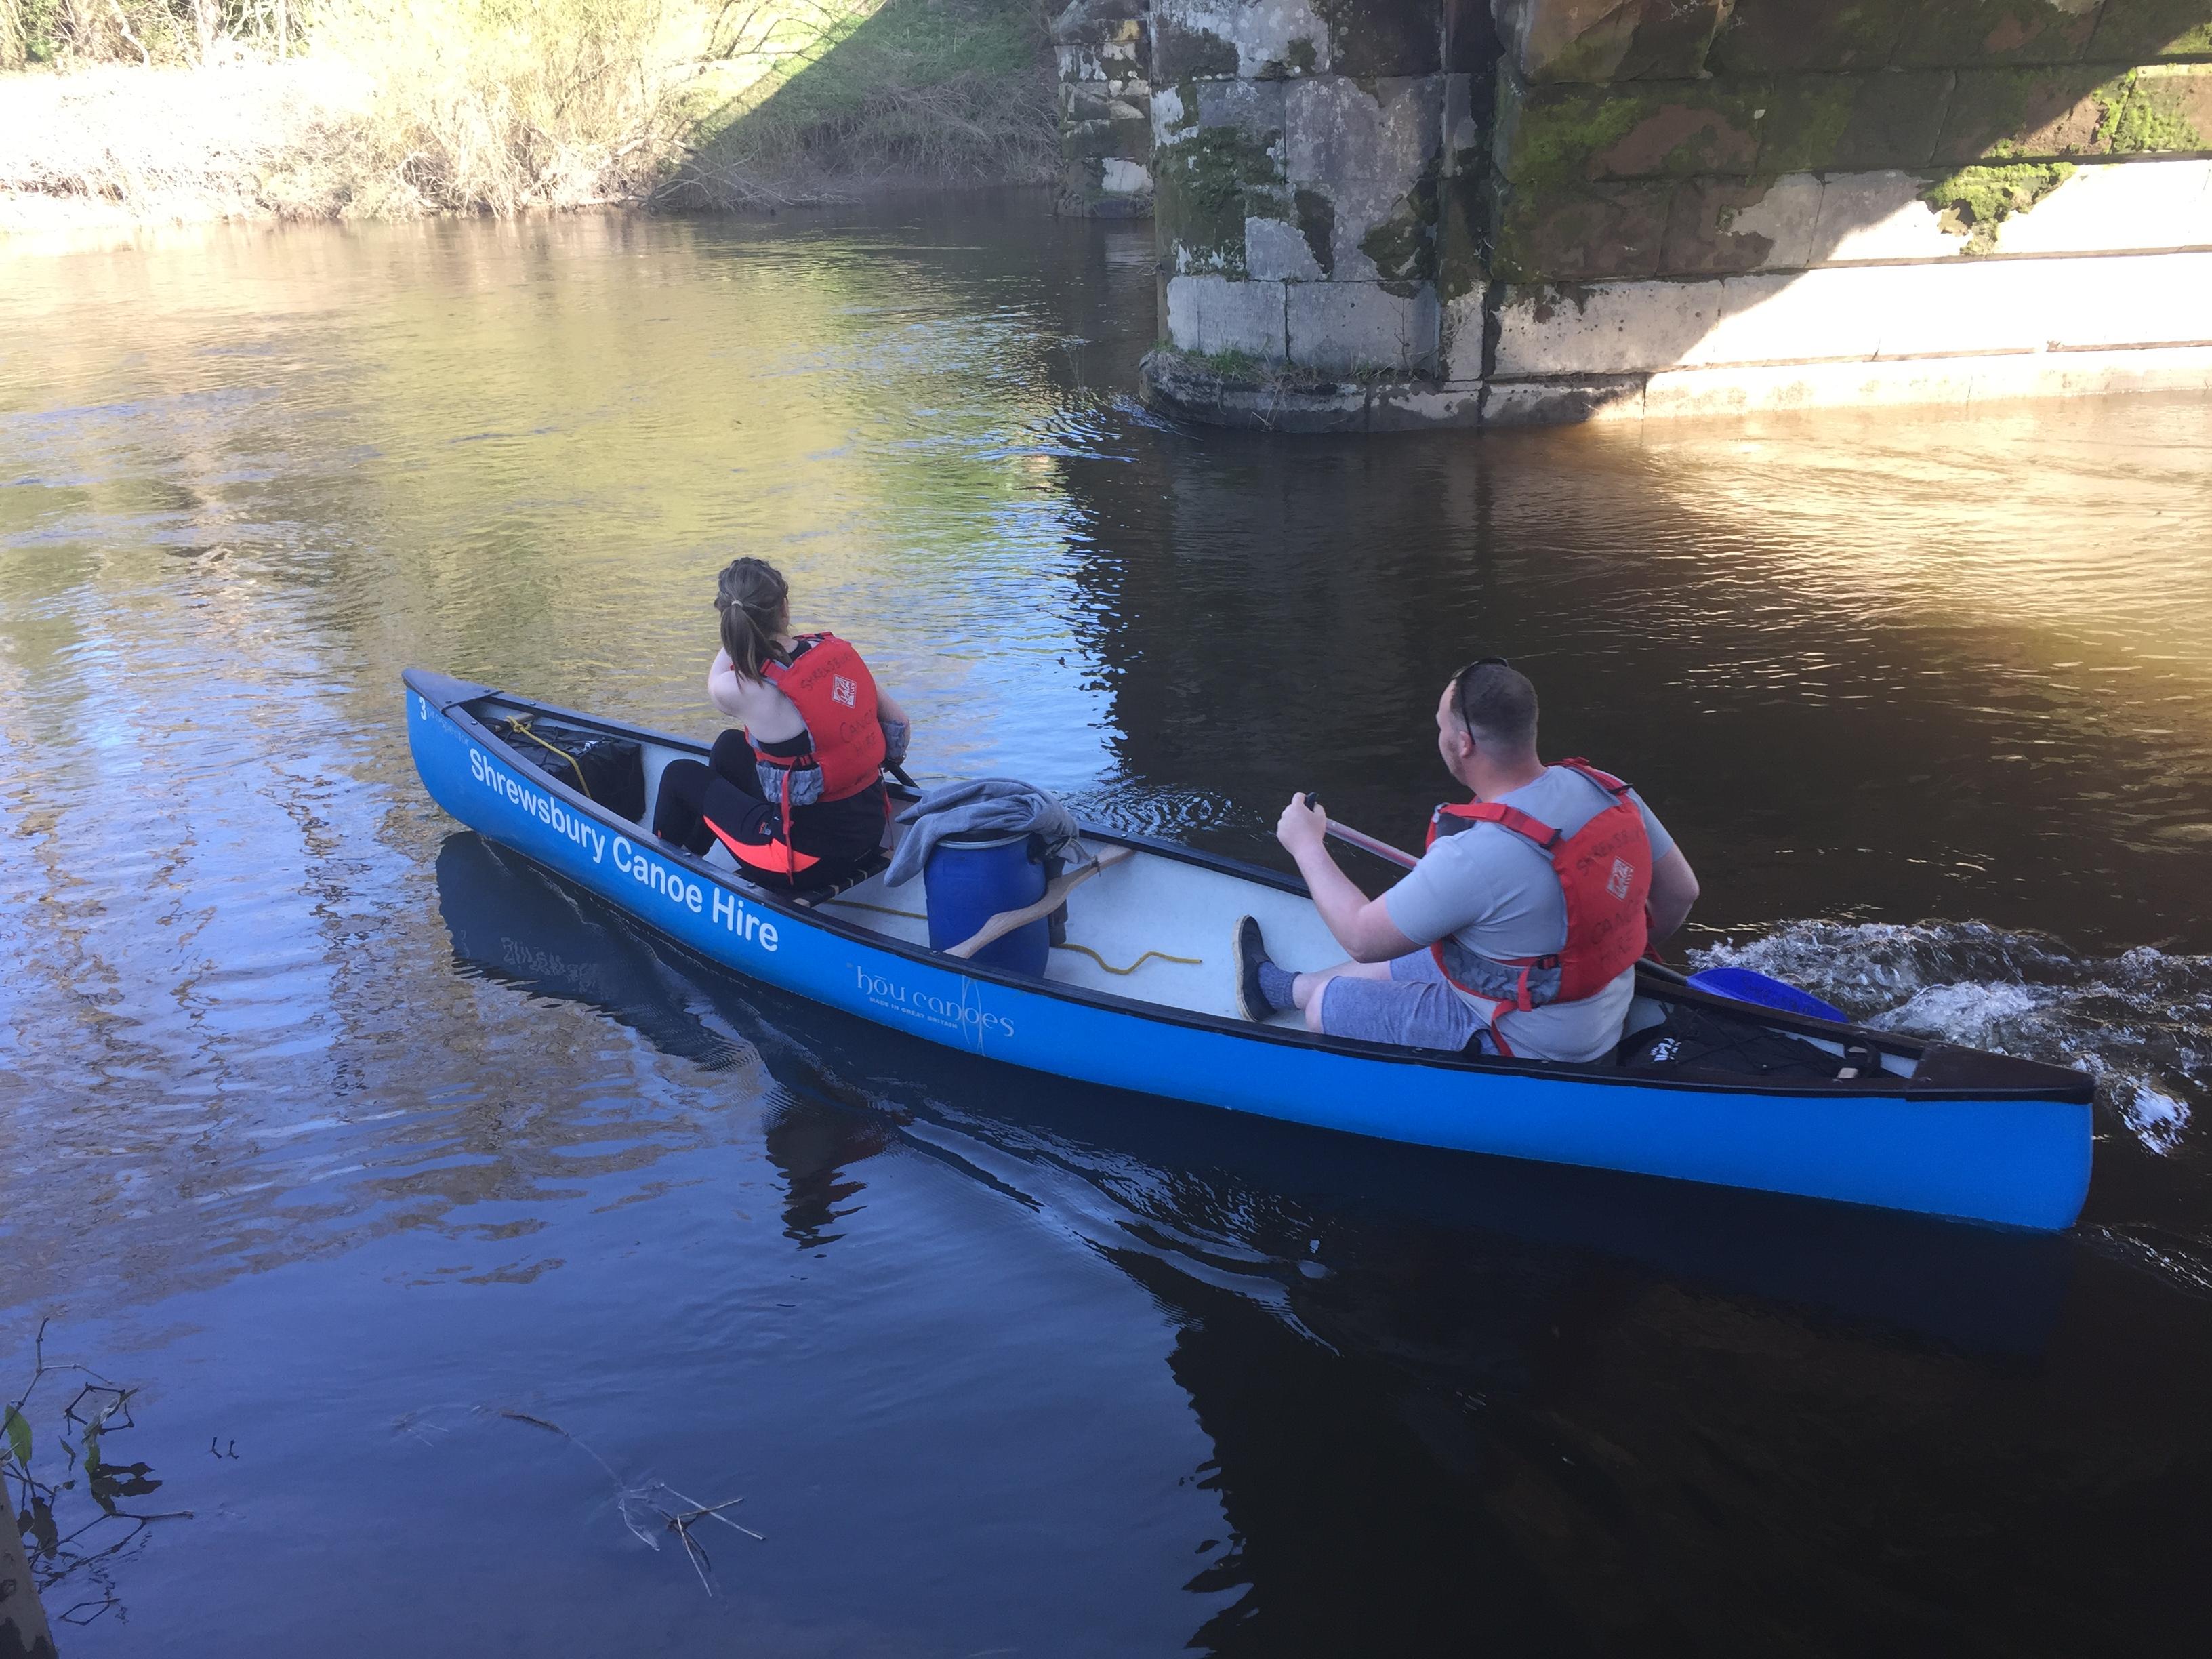 Canoe Hire from Pool Quay to Shrewsbury multi day canoe hire